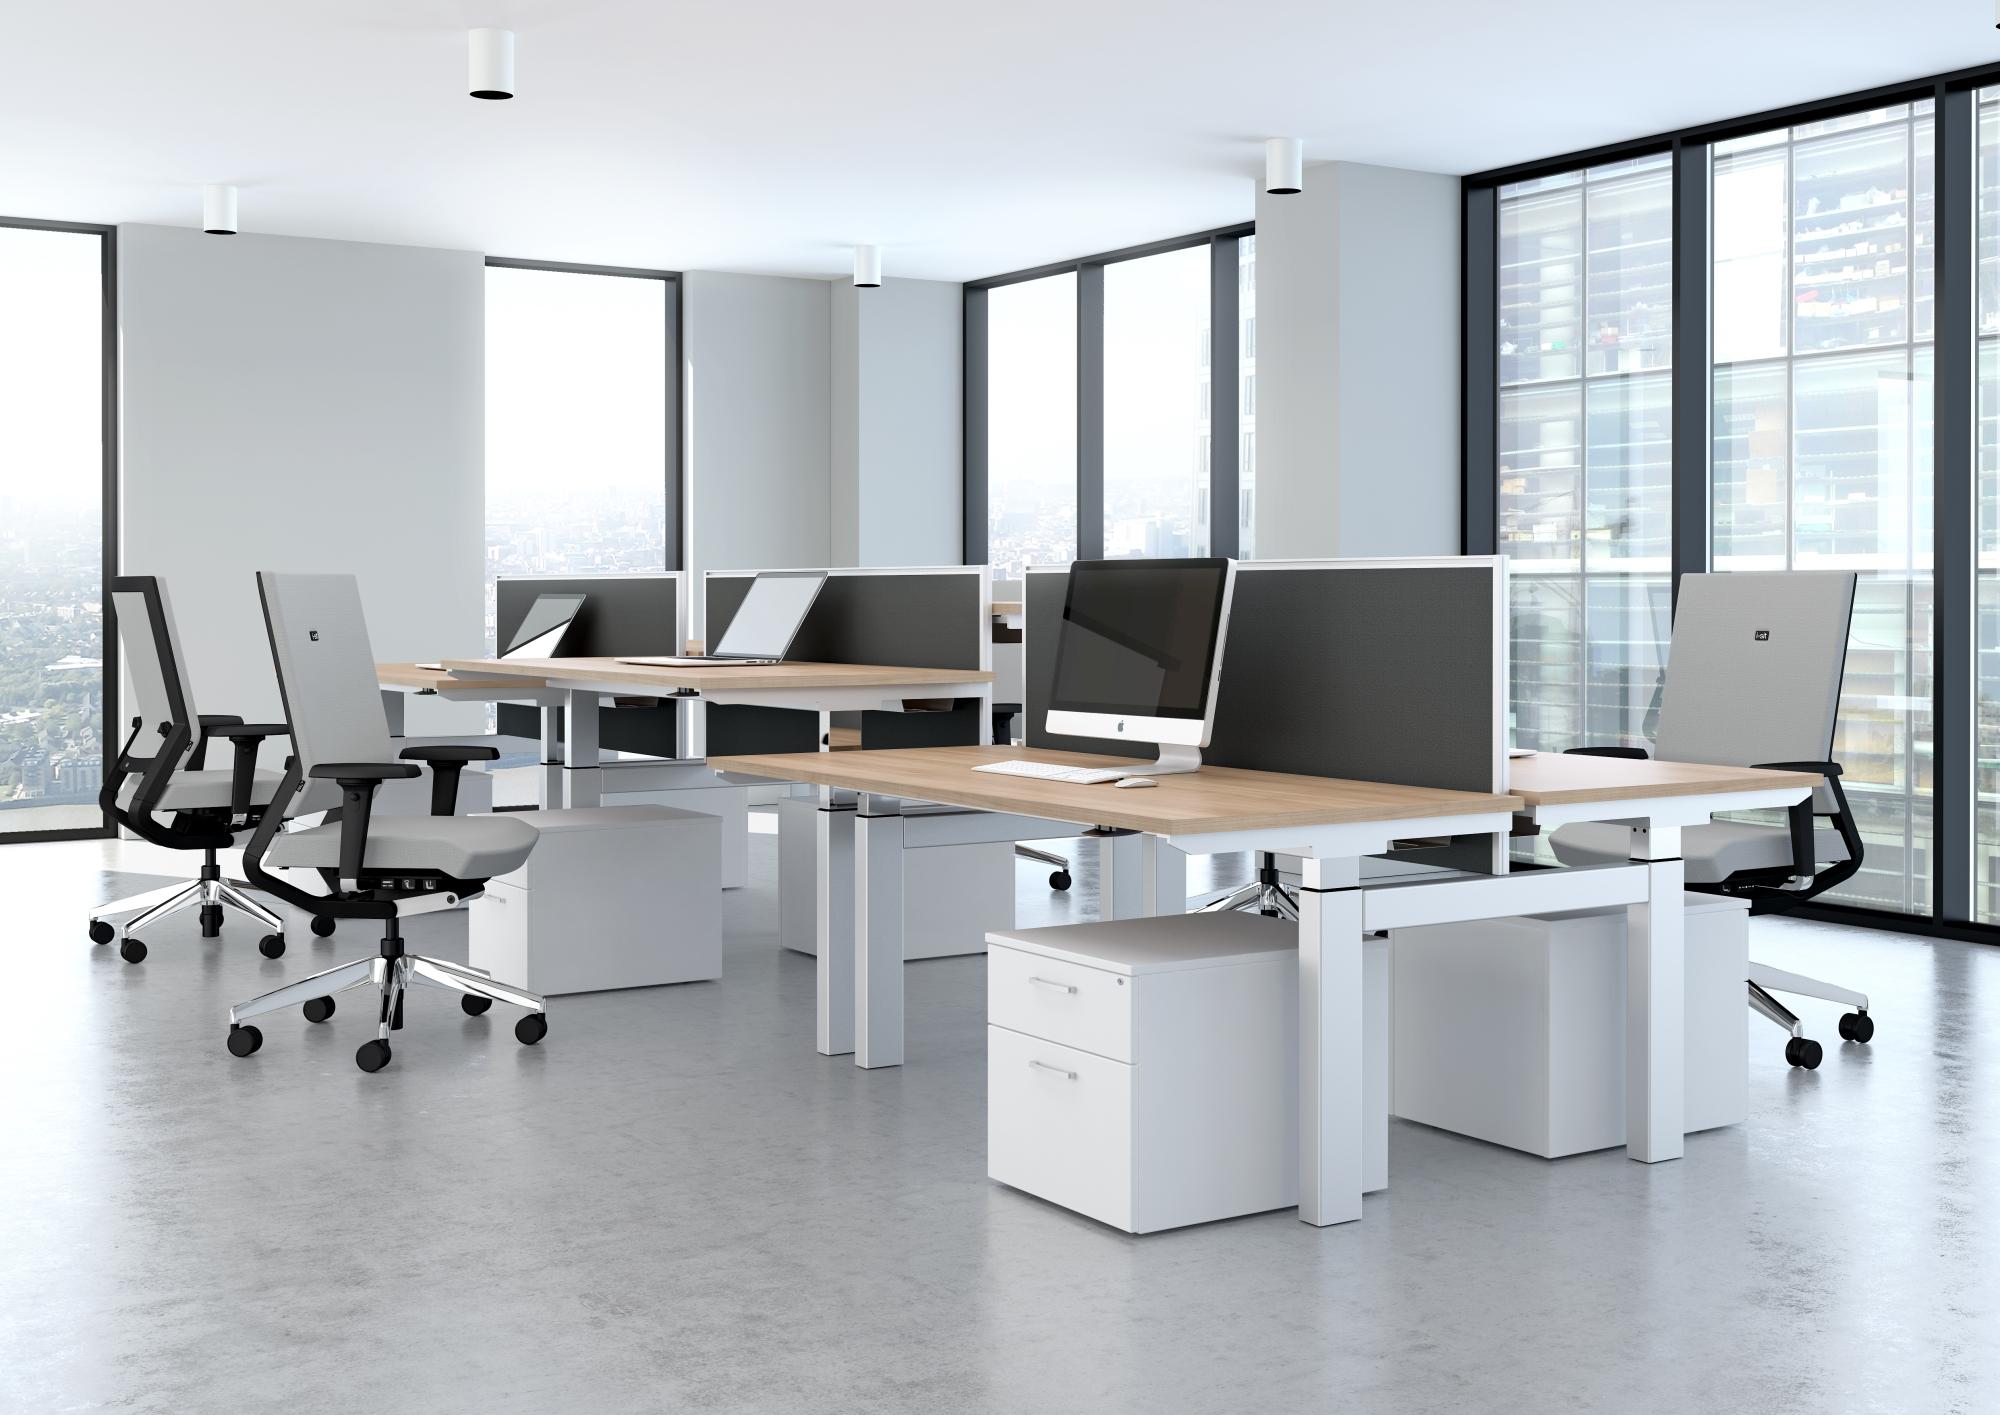 trang trí nội thất văn phòng